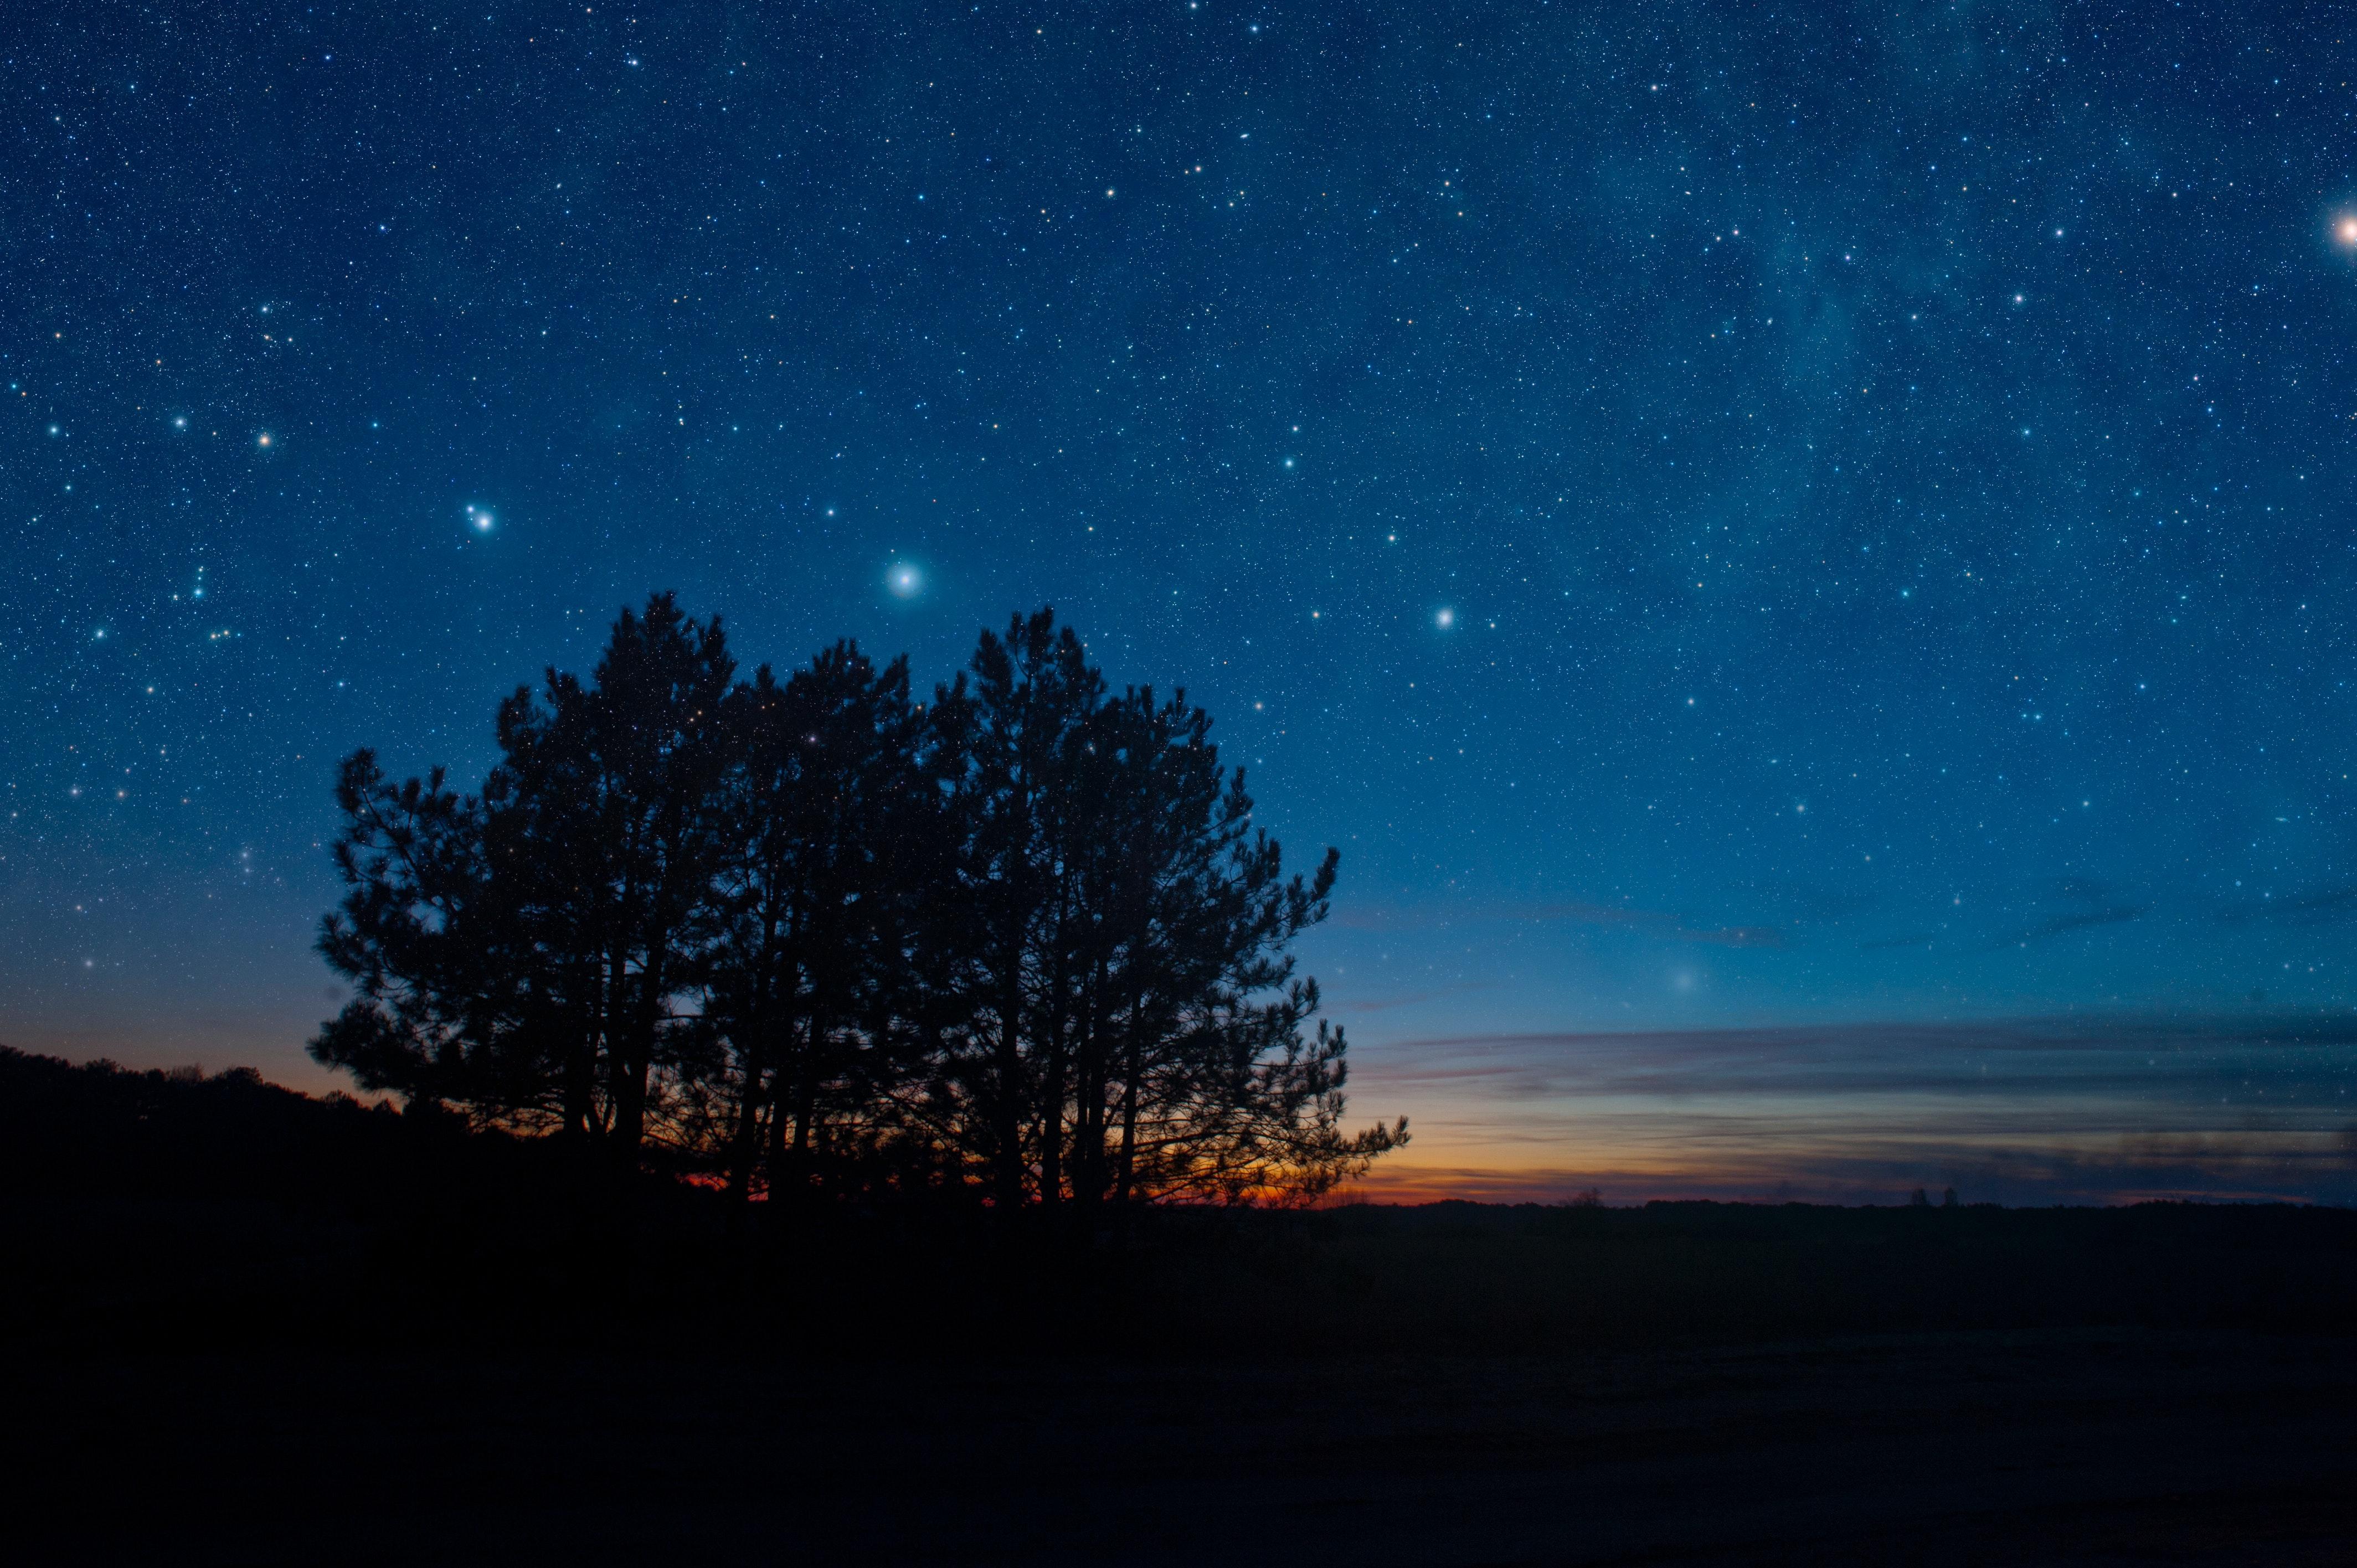 148691壁紙のダウンロード闇, 暗い, 星空, ナイト, 木, スター, 風景-スクリーンセーバーと写真を無料で